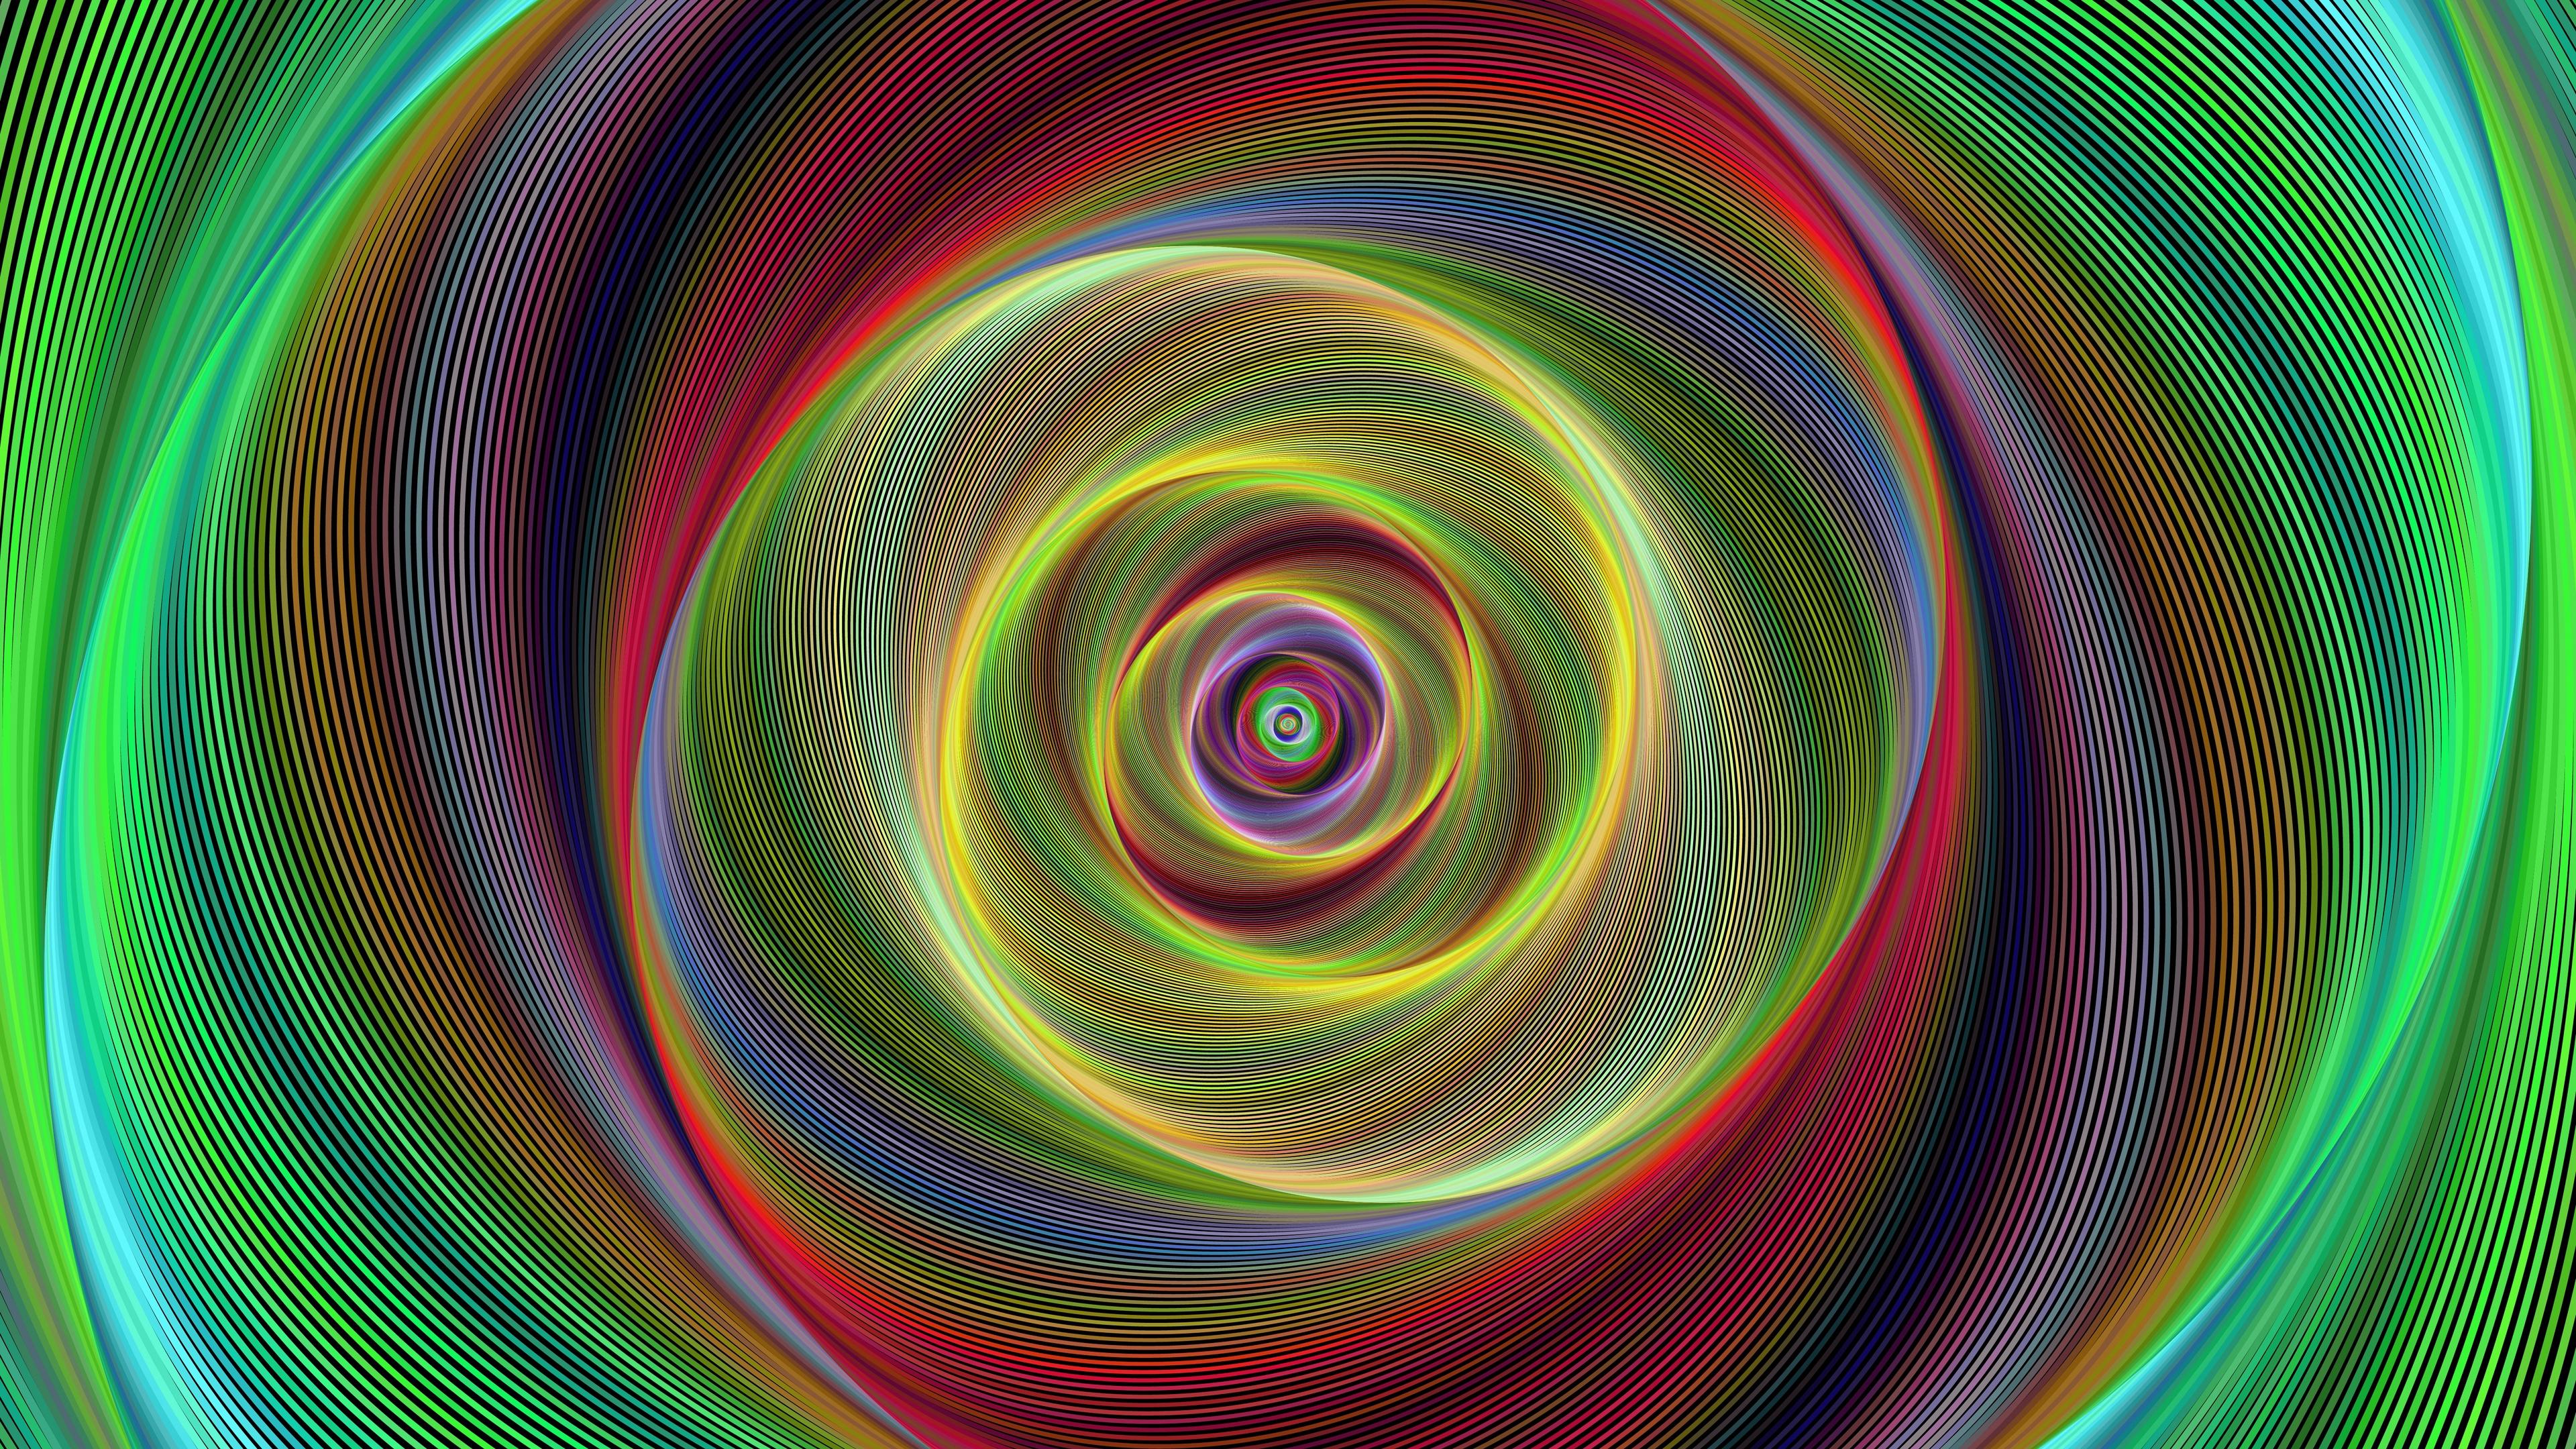 spiral rotation fractal lines 4k 1539369646 - spiral, rotation, fractal, lines 4k - Spiral, rotation, Fractal